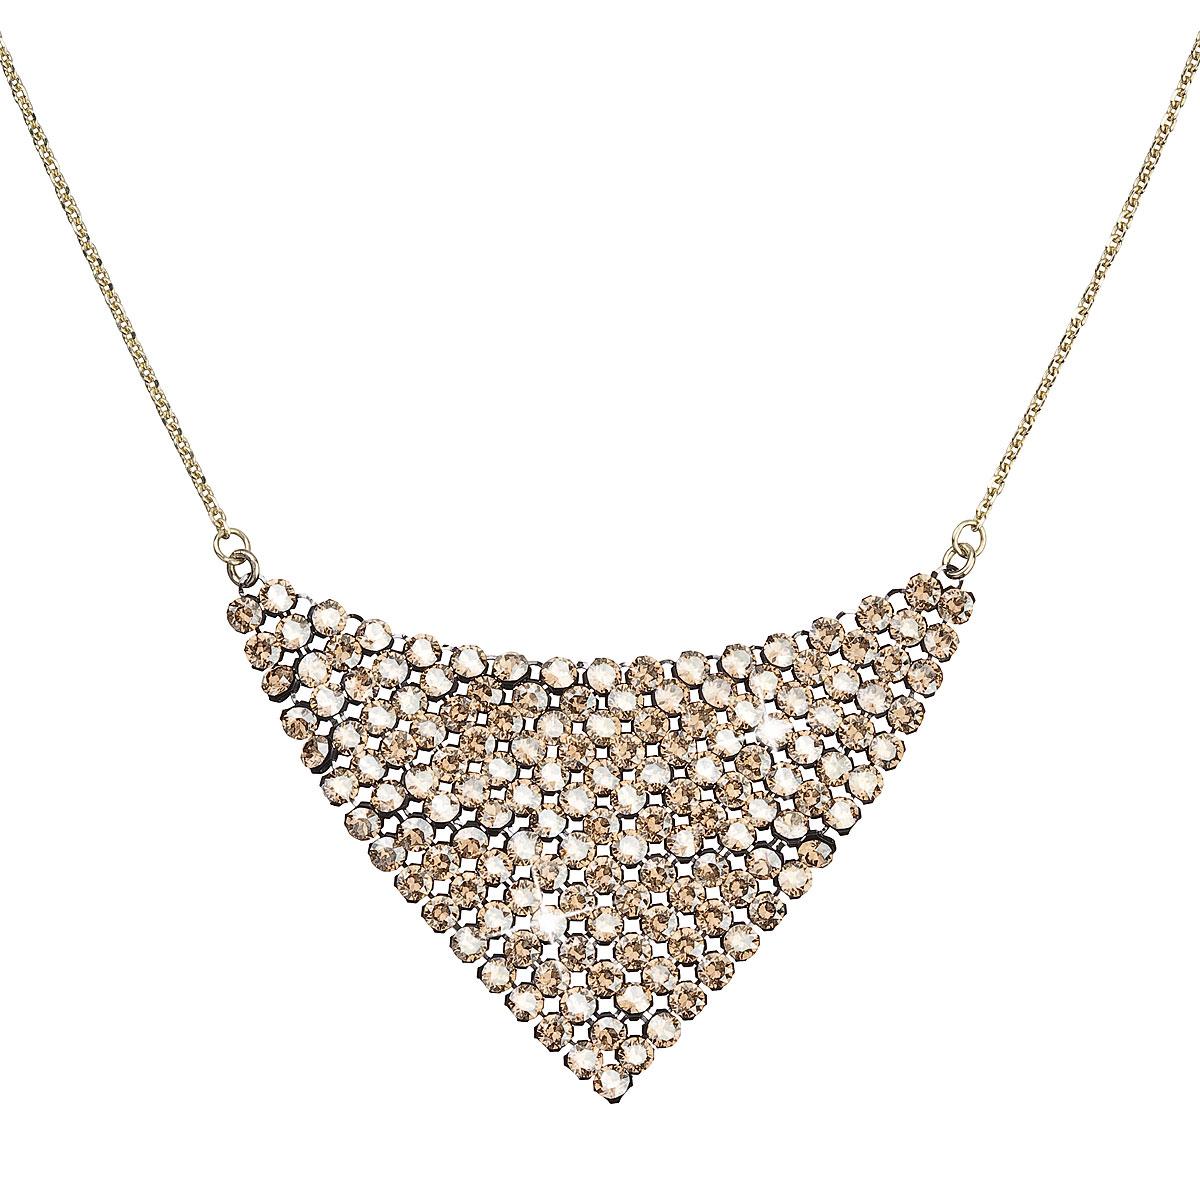 Strieborný náhrdelník s krištáľmi Swarovski zlatý 32019.5